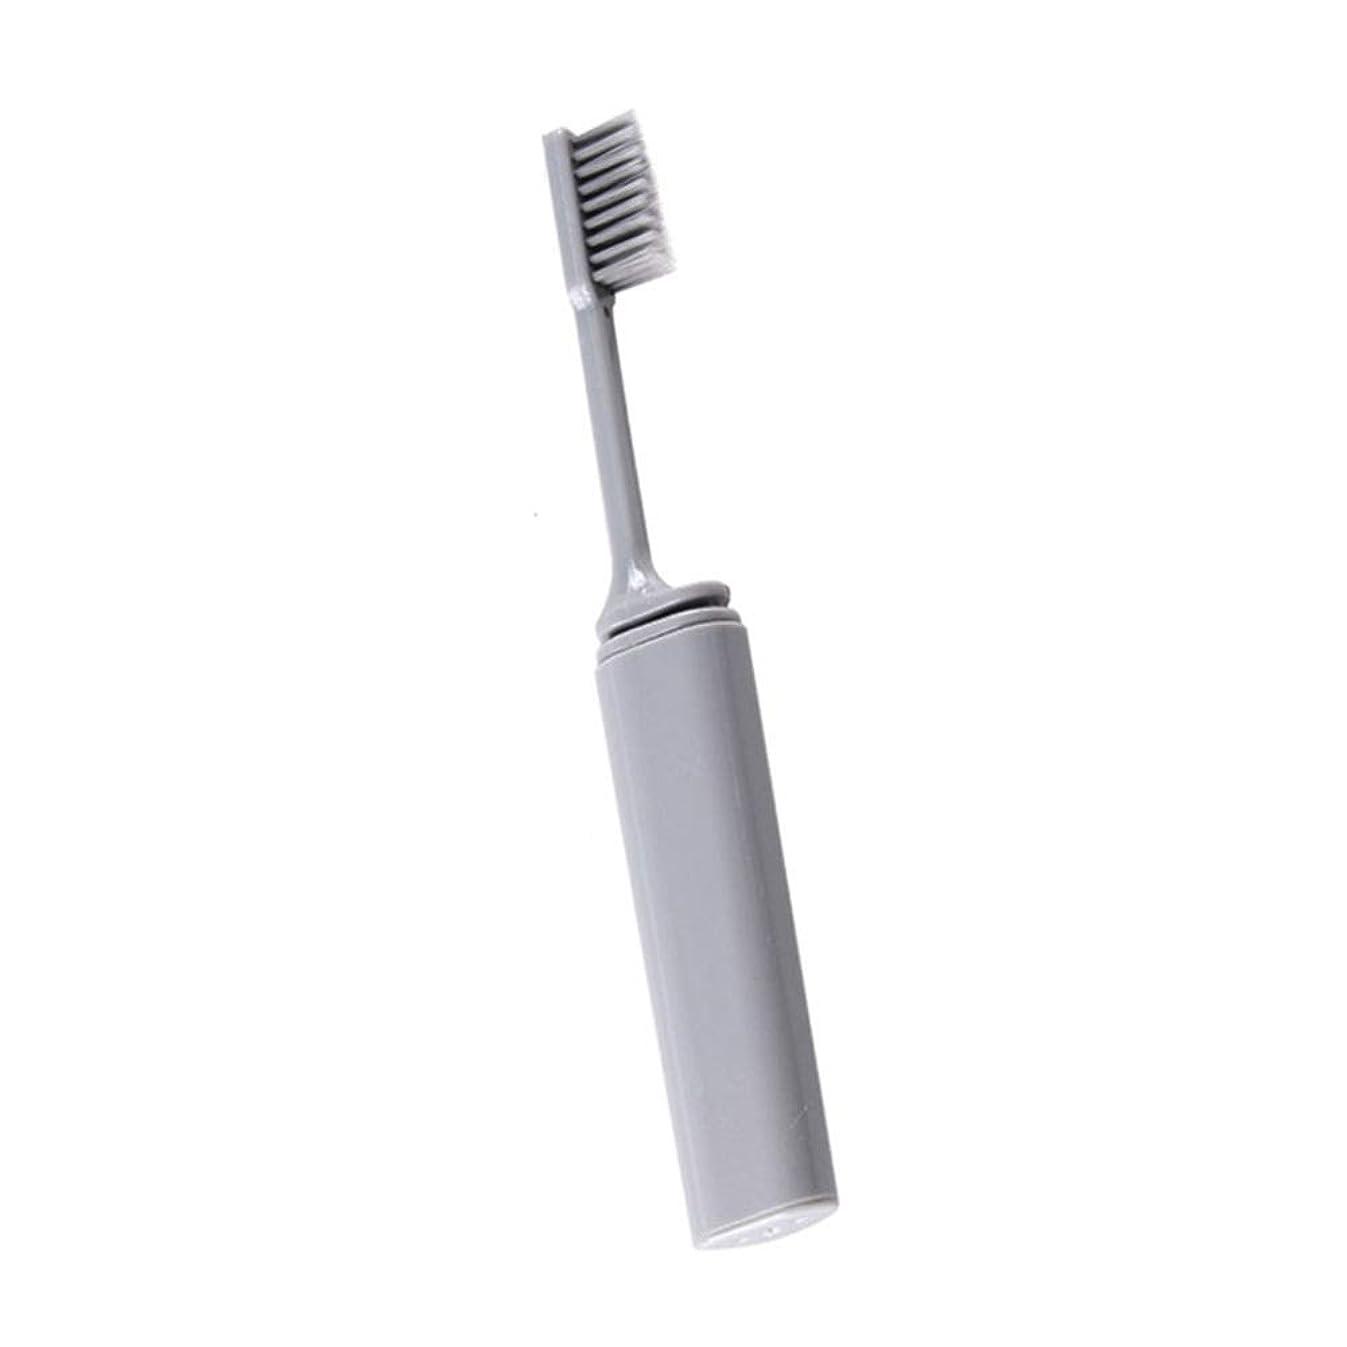 メロディアスくそー気がついてOnior 旅行歯ブラシ 折りたたみ歯ブラシ 携帯歯ブラシ 外出 旅行用品, ソフト コンパクト歯ブラシ 便利 折りたたみ 耐久性 携帯用 灰色